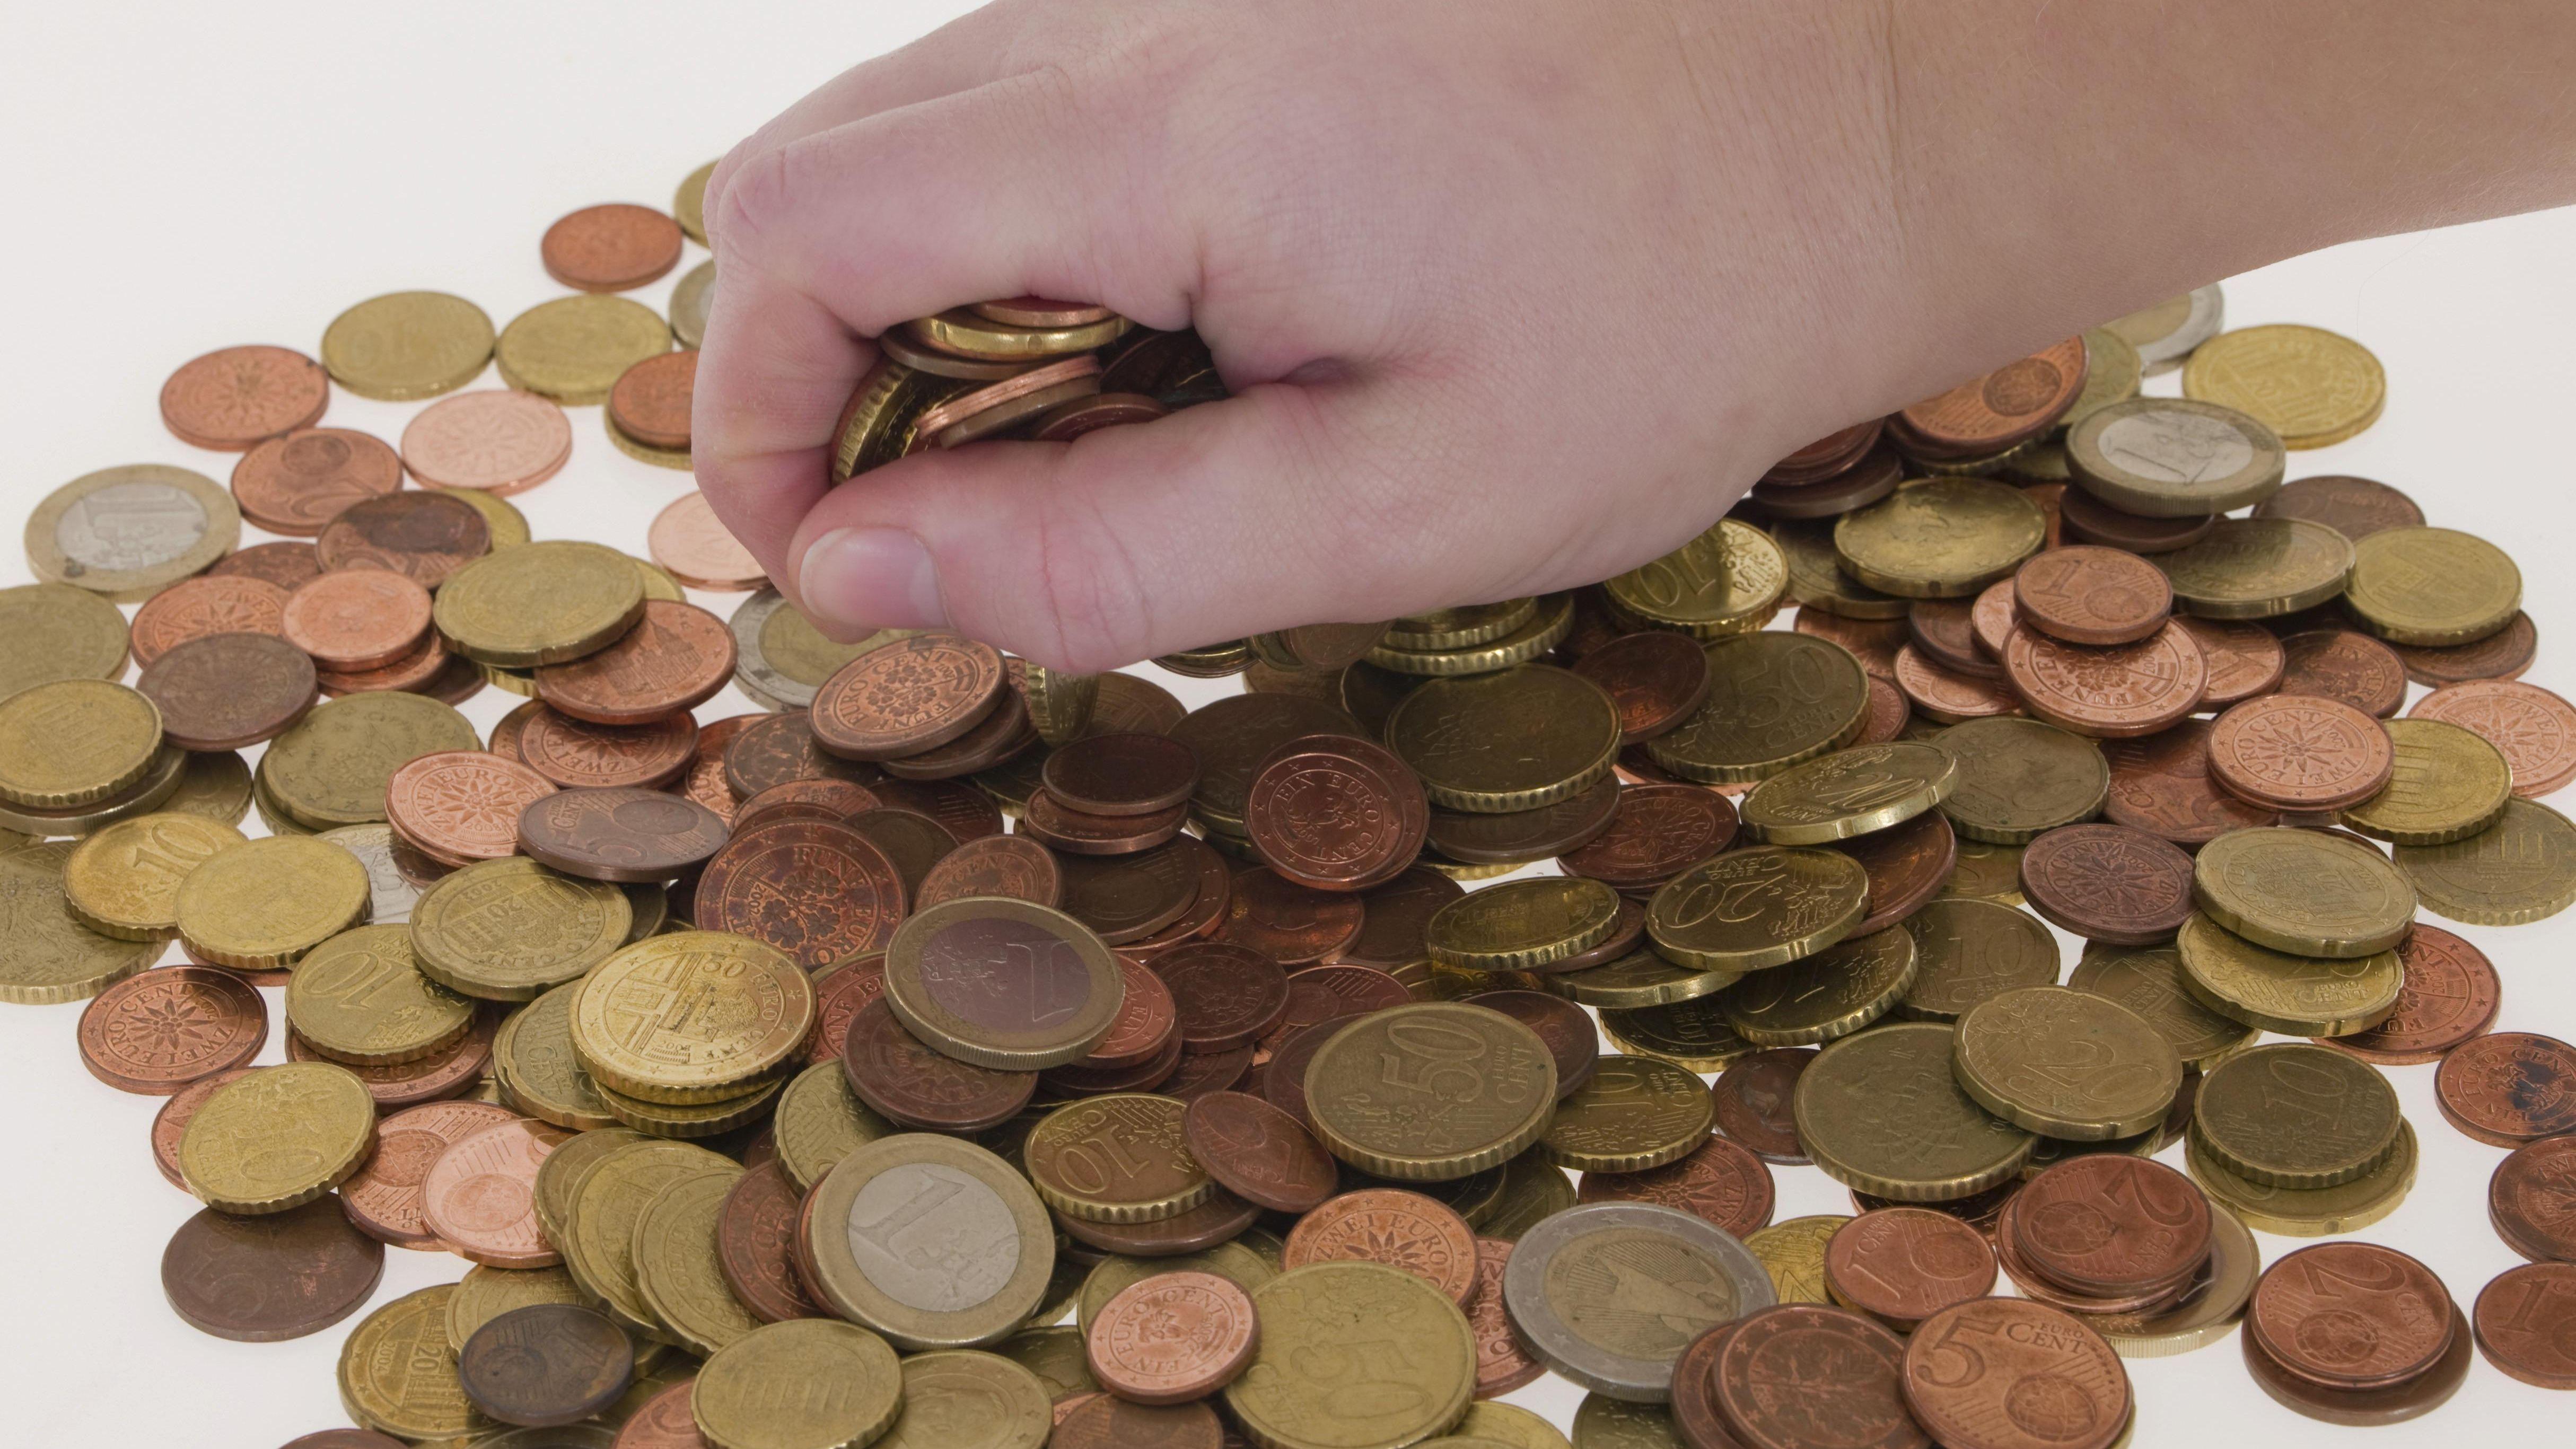 Hand greift in einen Haufen Münzgeld